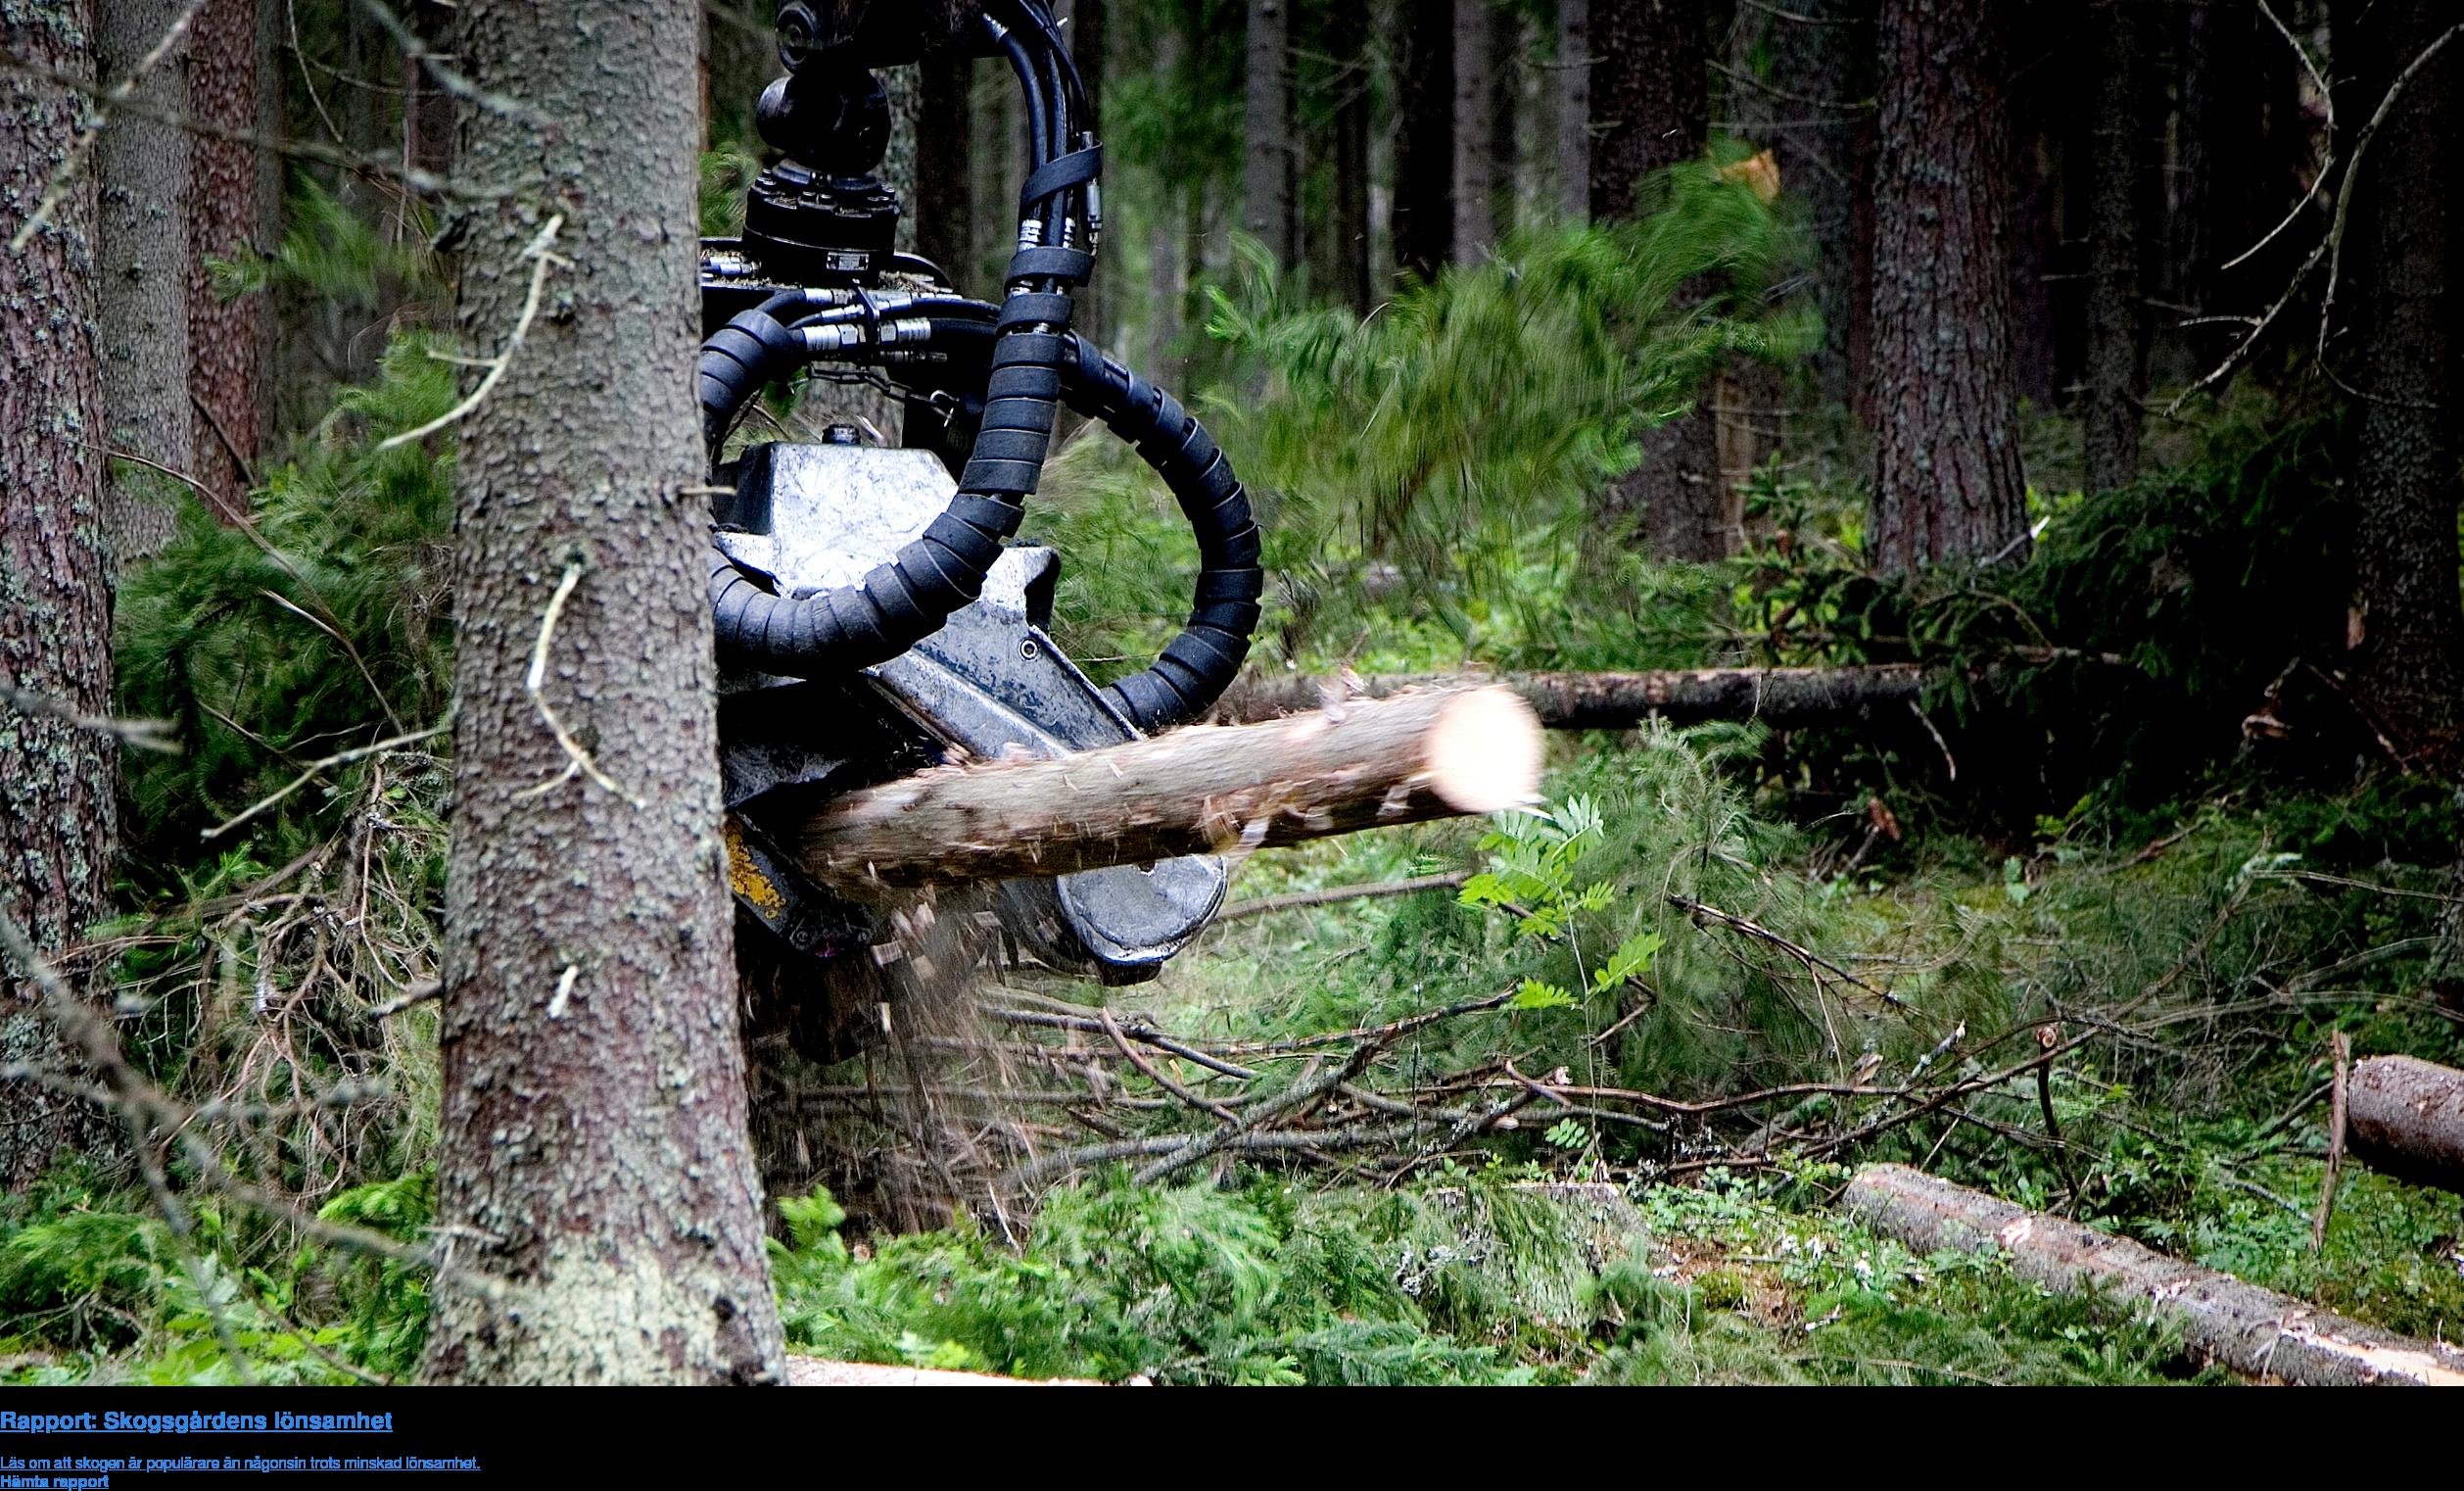 Rapport: Skogsgårdens lönsamhet  Läs om att skogen är populärare än någonsin trots minskad lönsamhet. Hämta rapport